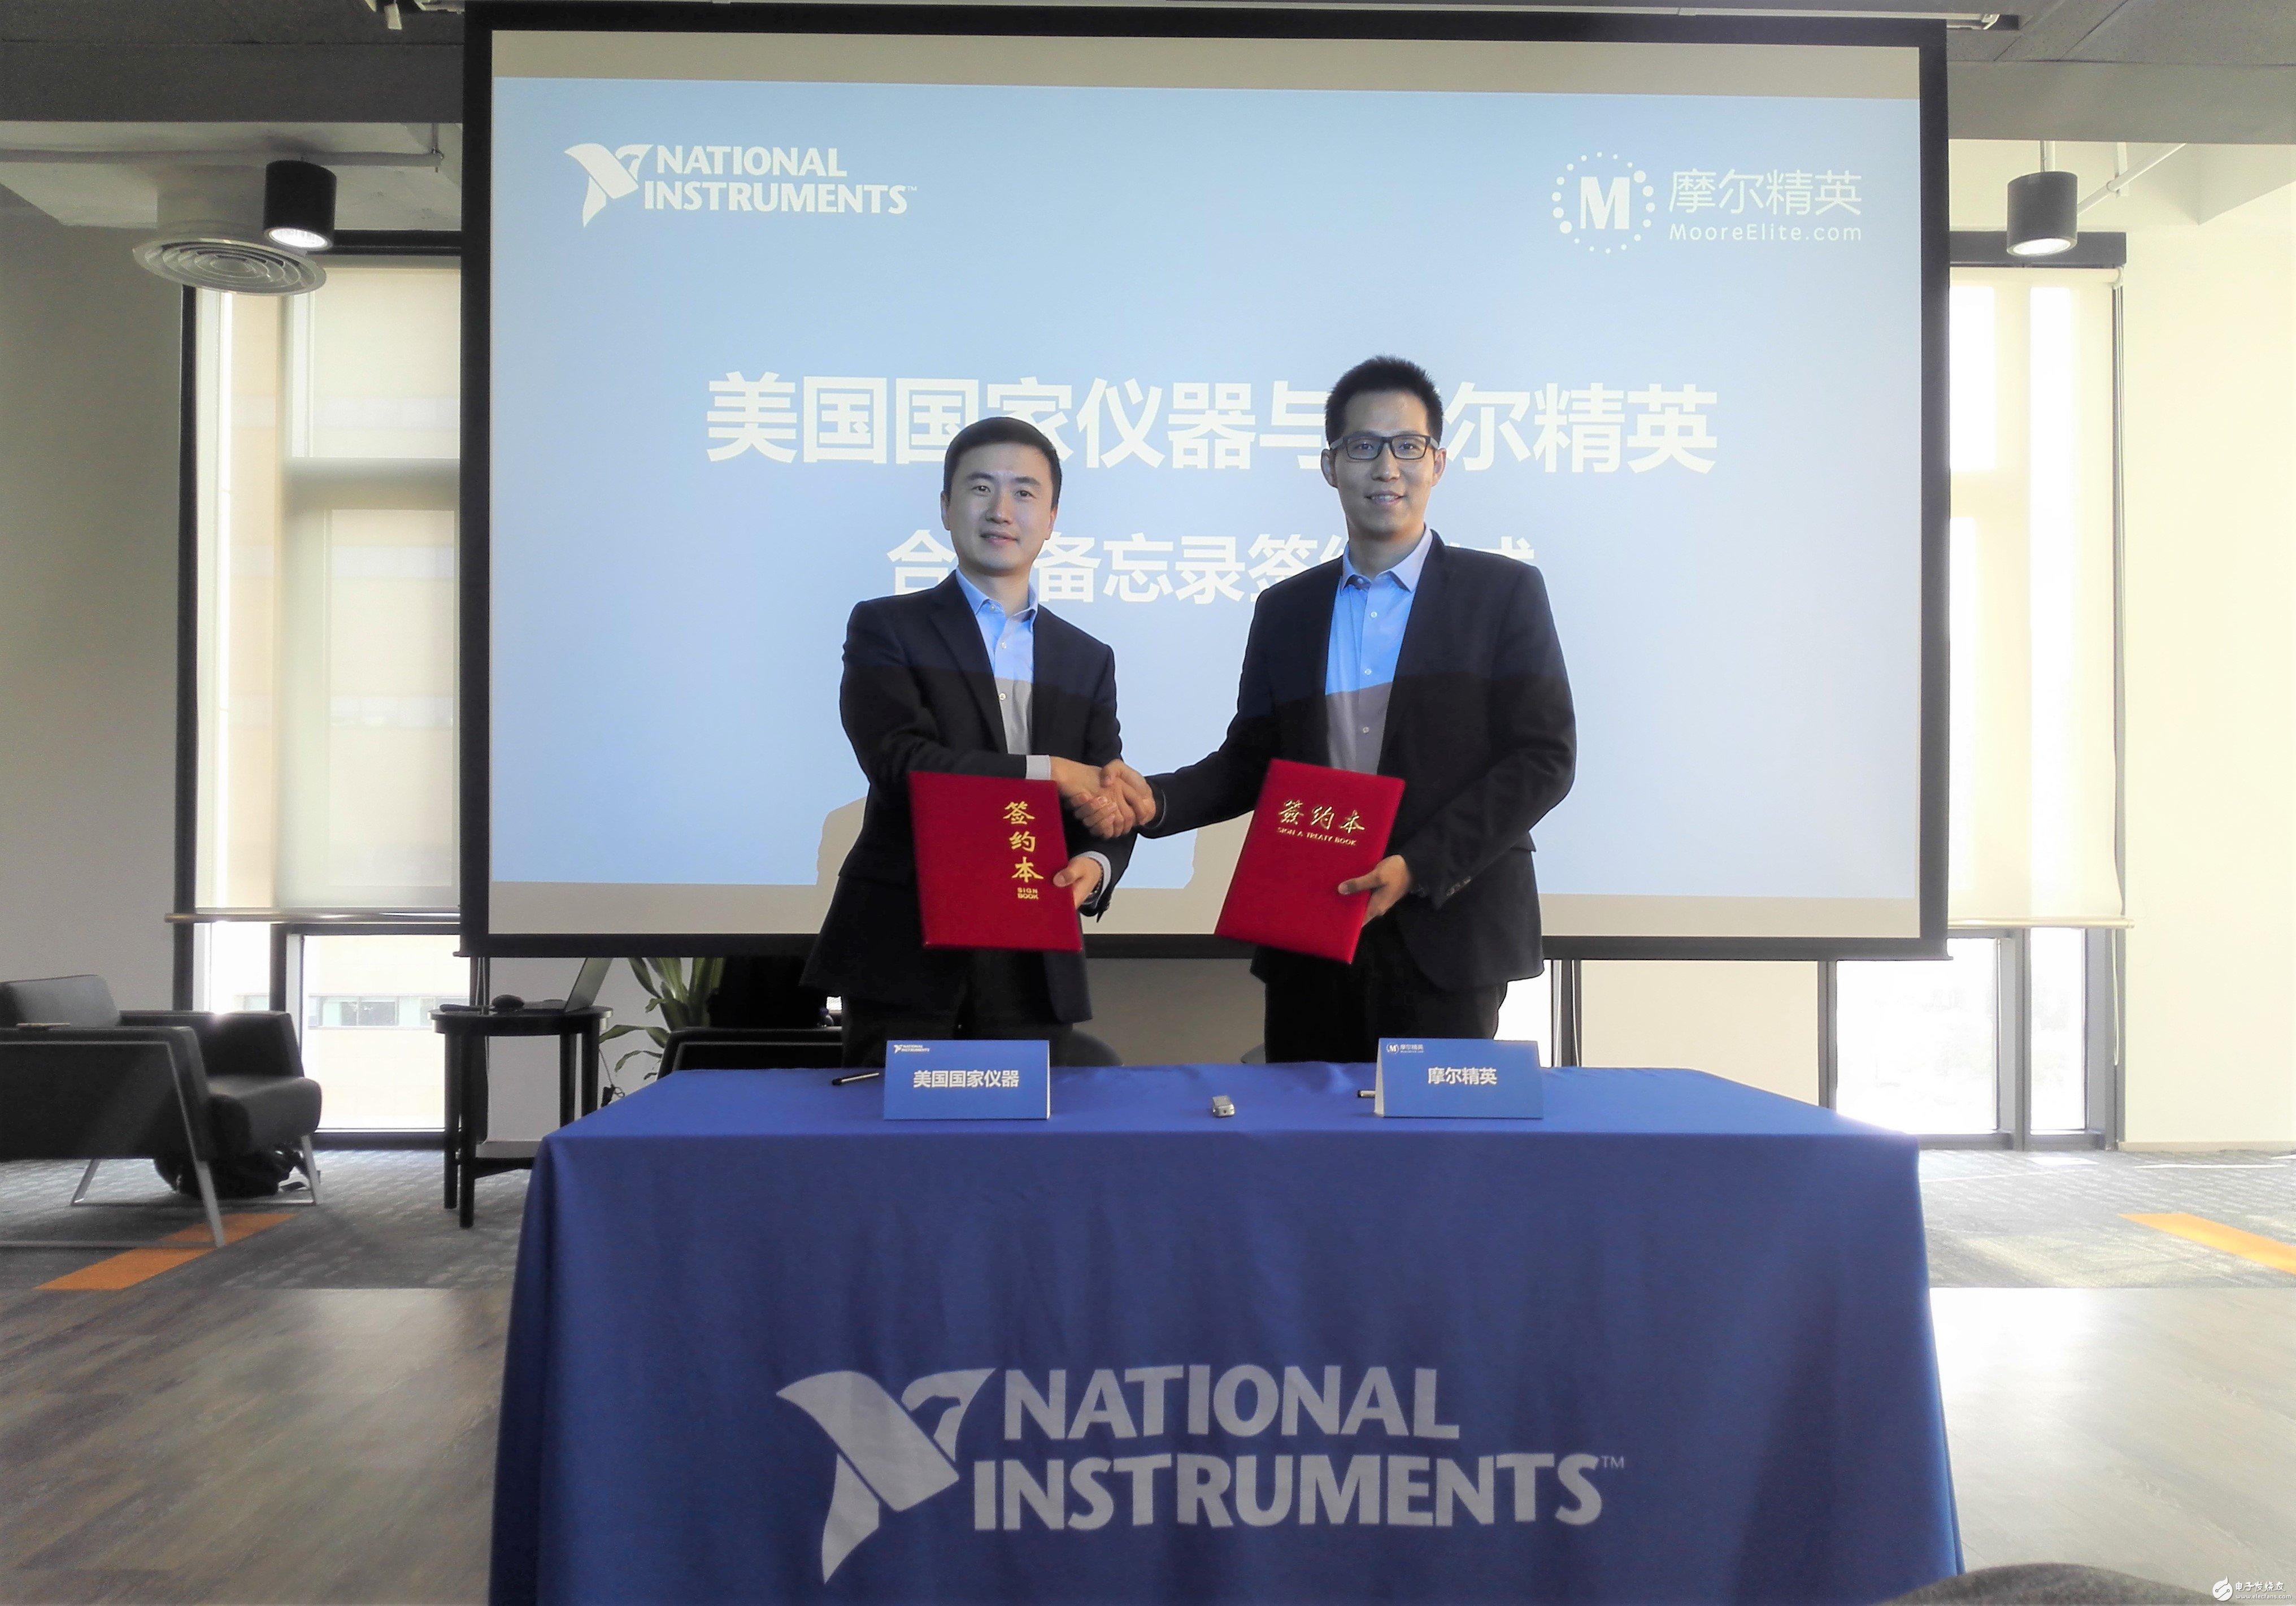 NI在上海与摩尔精英签署合作备忘录建立合作关系